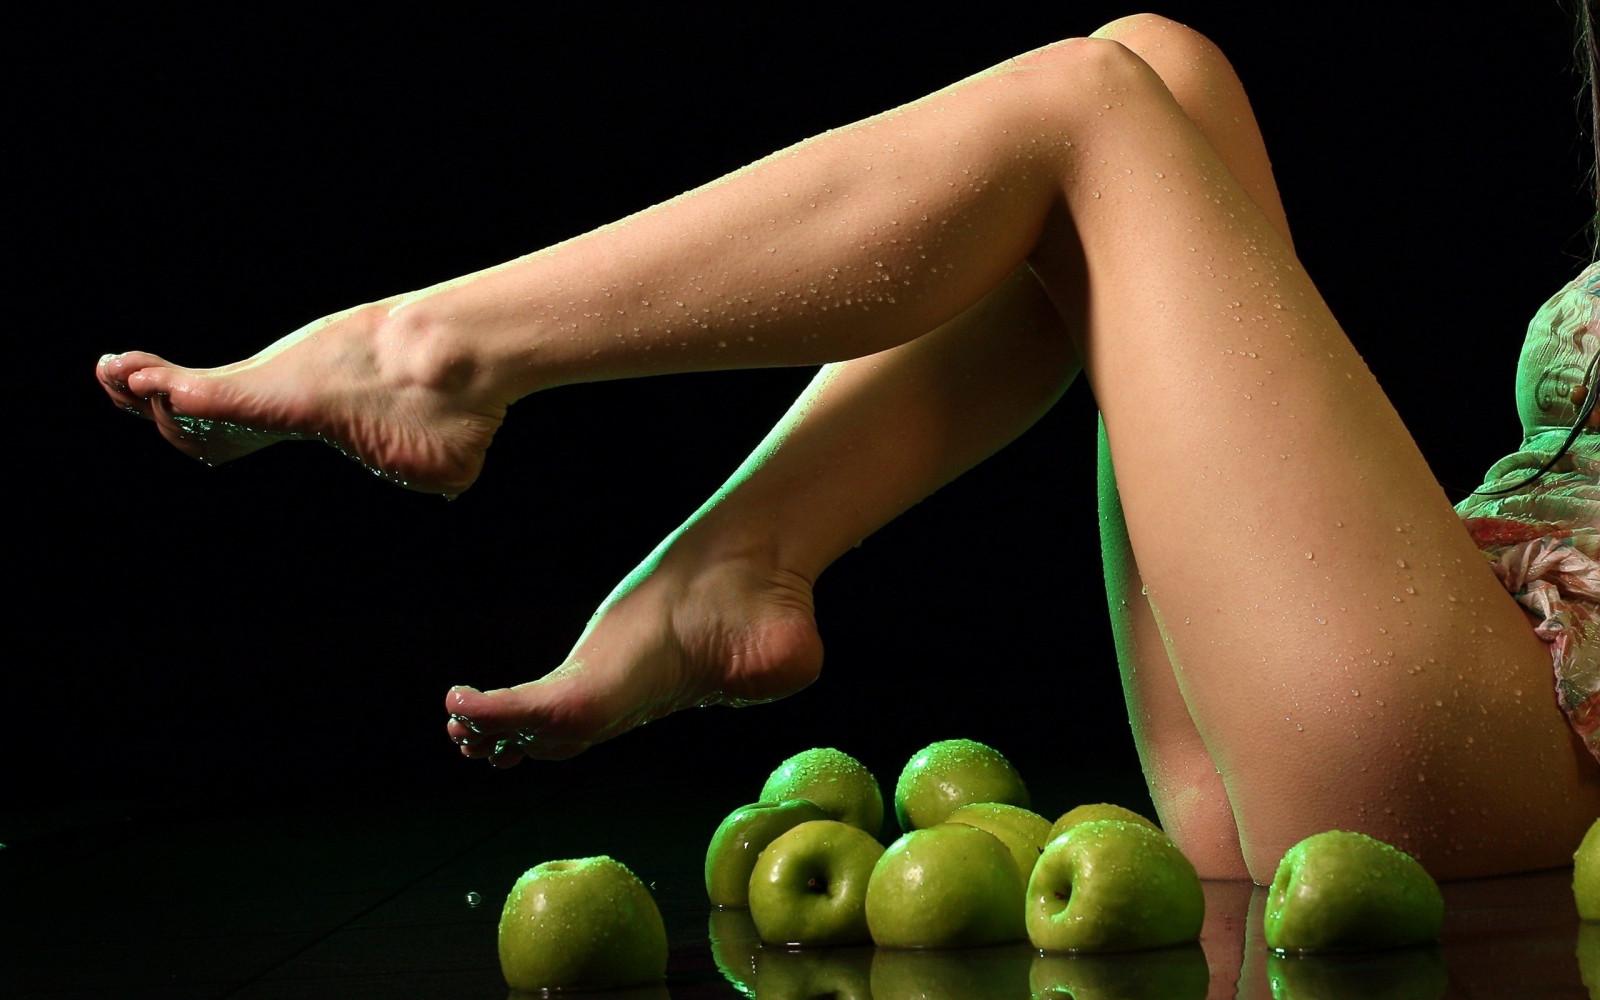 Женская попа яблочком, засунуть пальцы в член